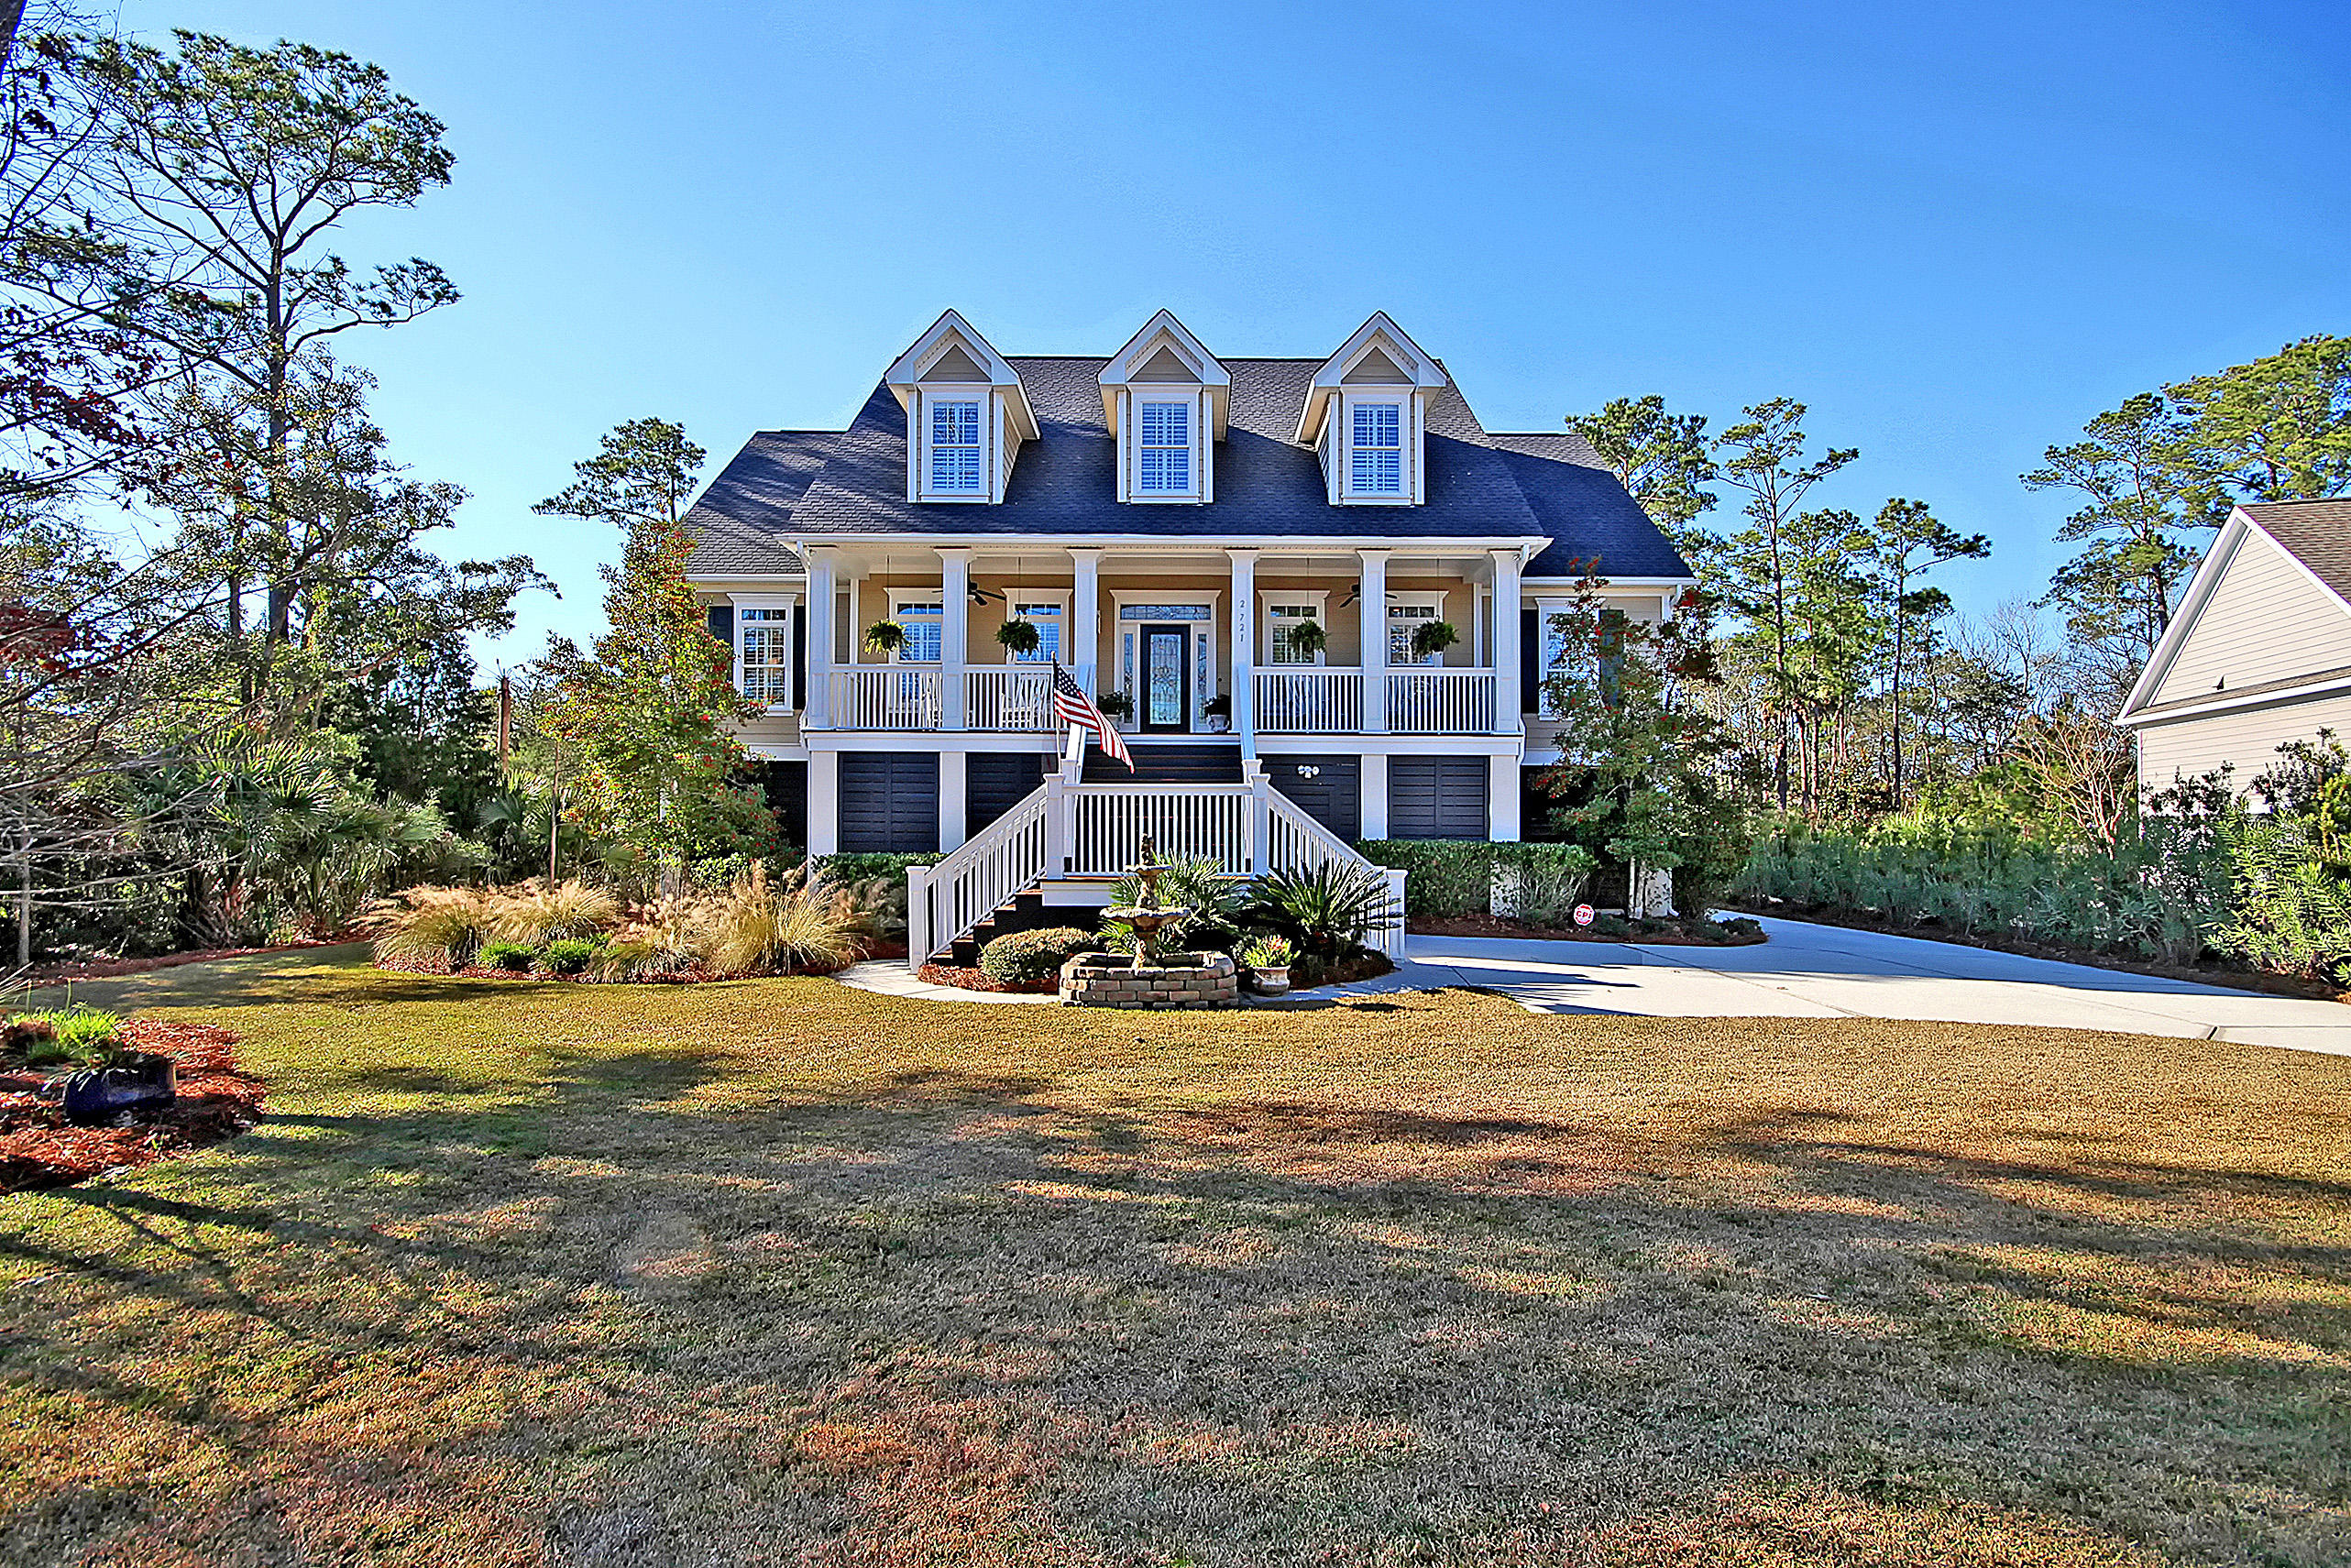 Dunes West Homes For Sale - 2721 Fountainhead, Mount Pleasant, SC - 25